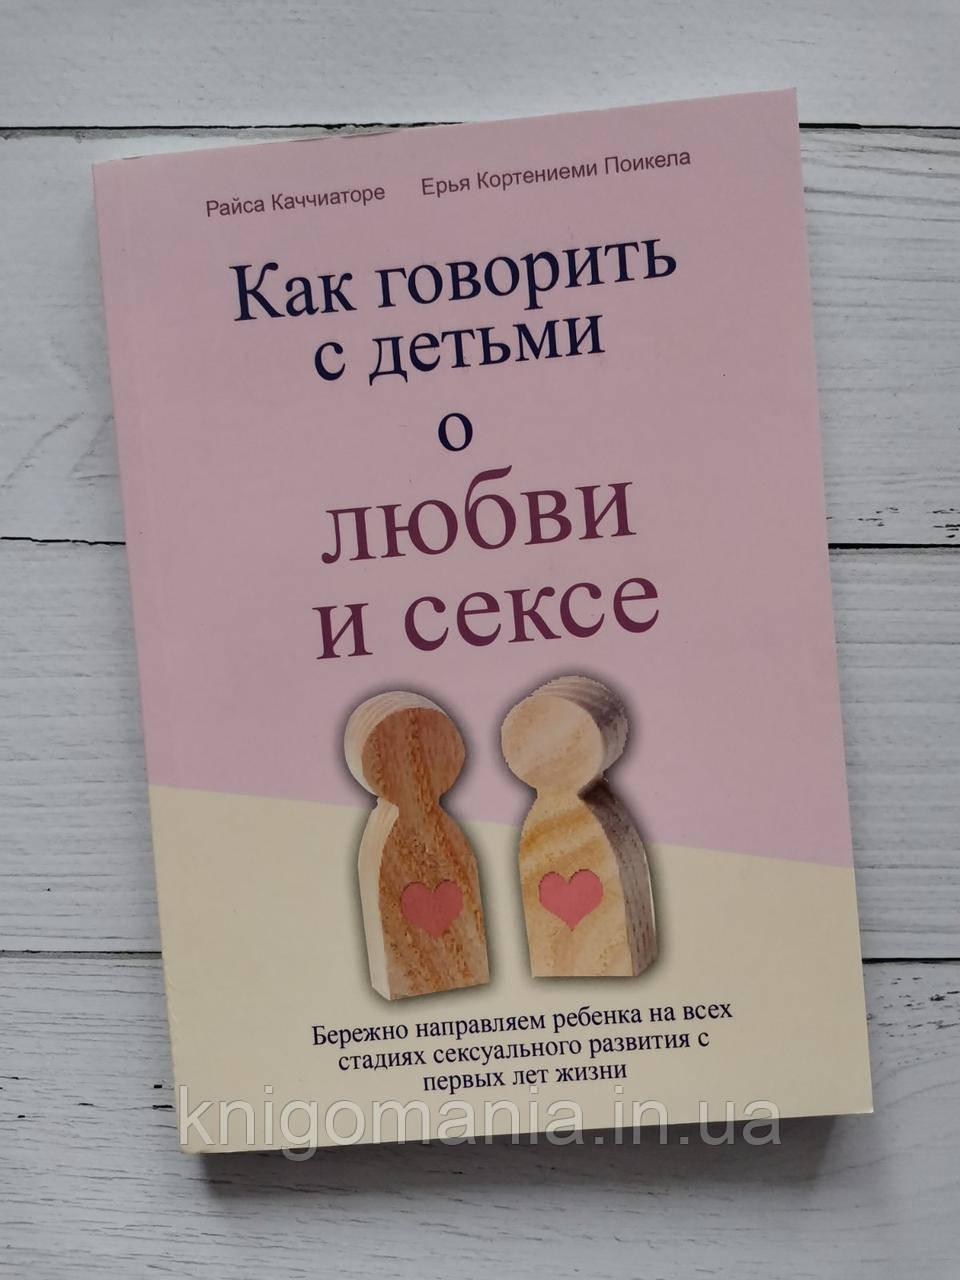 """""""Як говорити з дітьми про любов і секс"""" Райса Каччиаторе Ерья Кортениеми Поикела"""